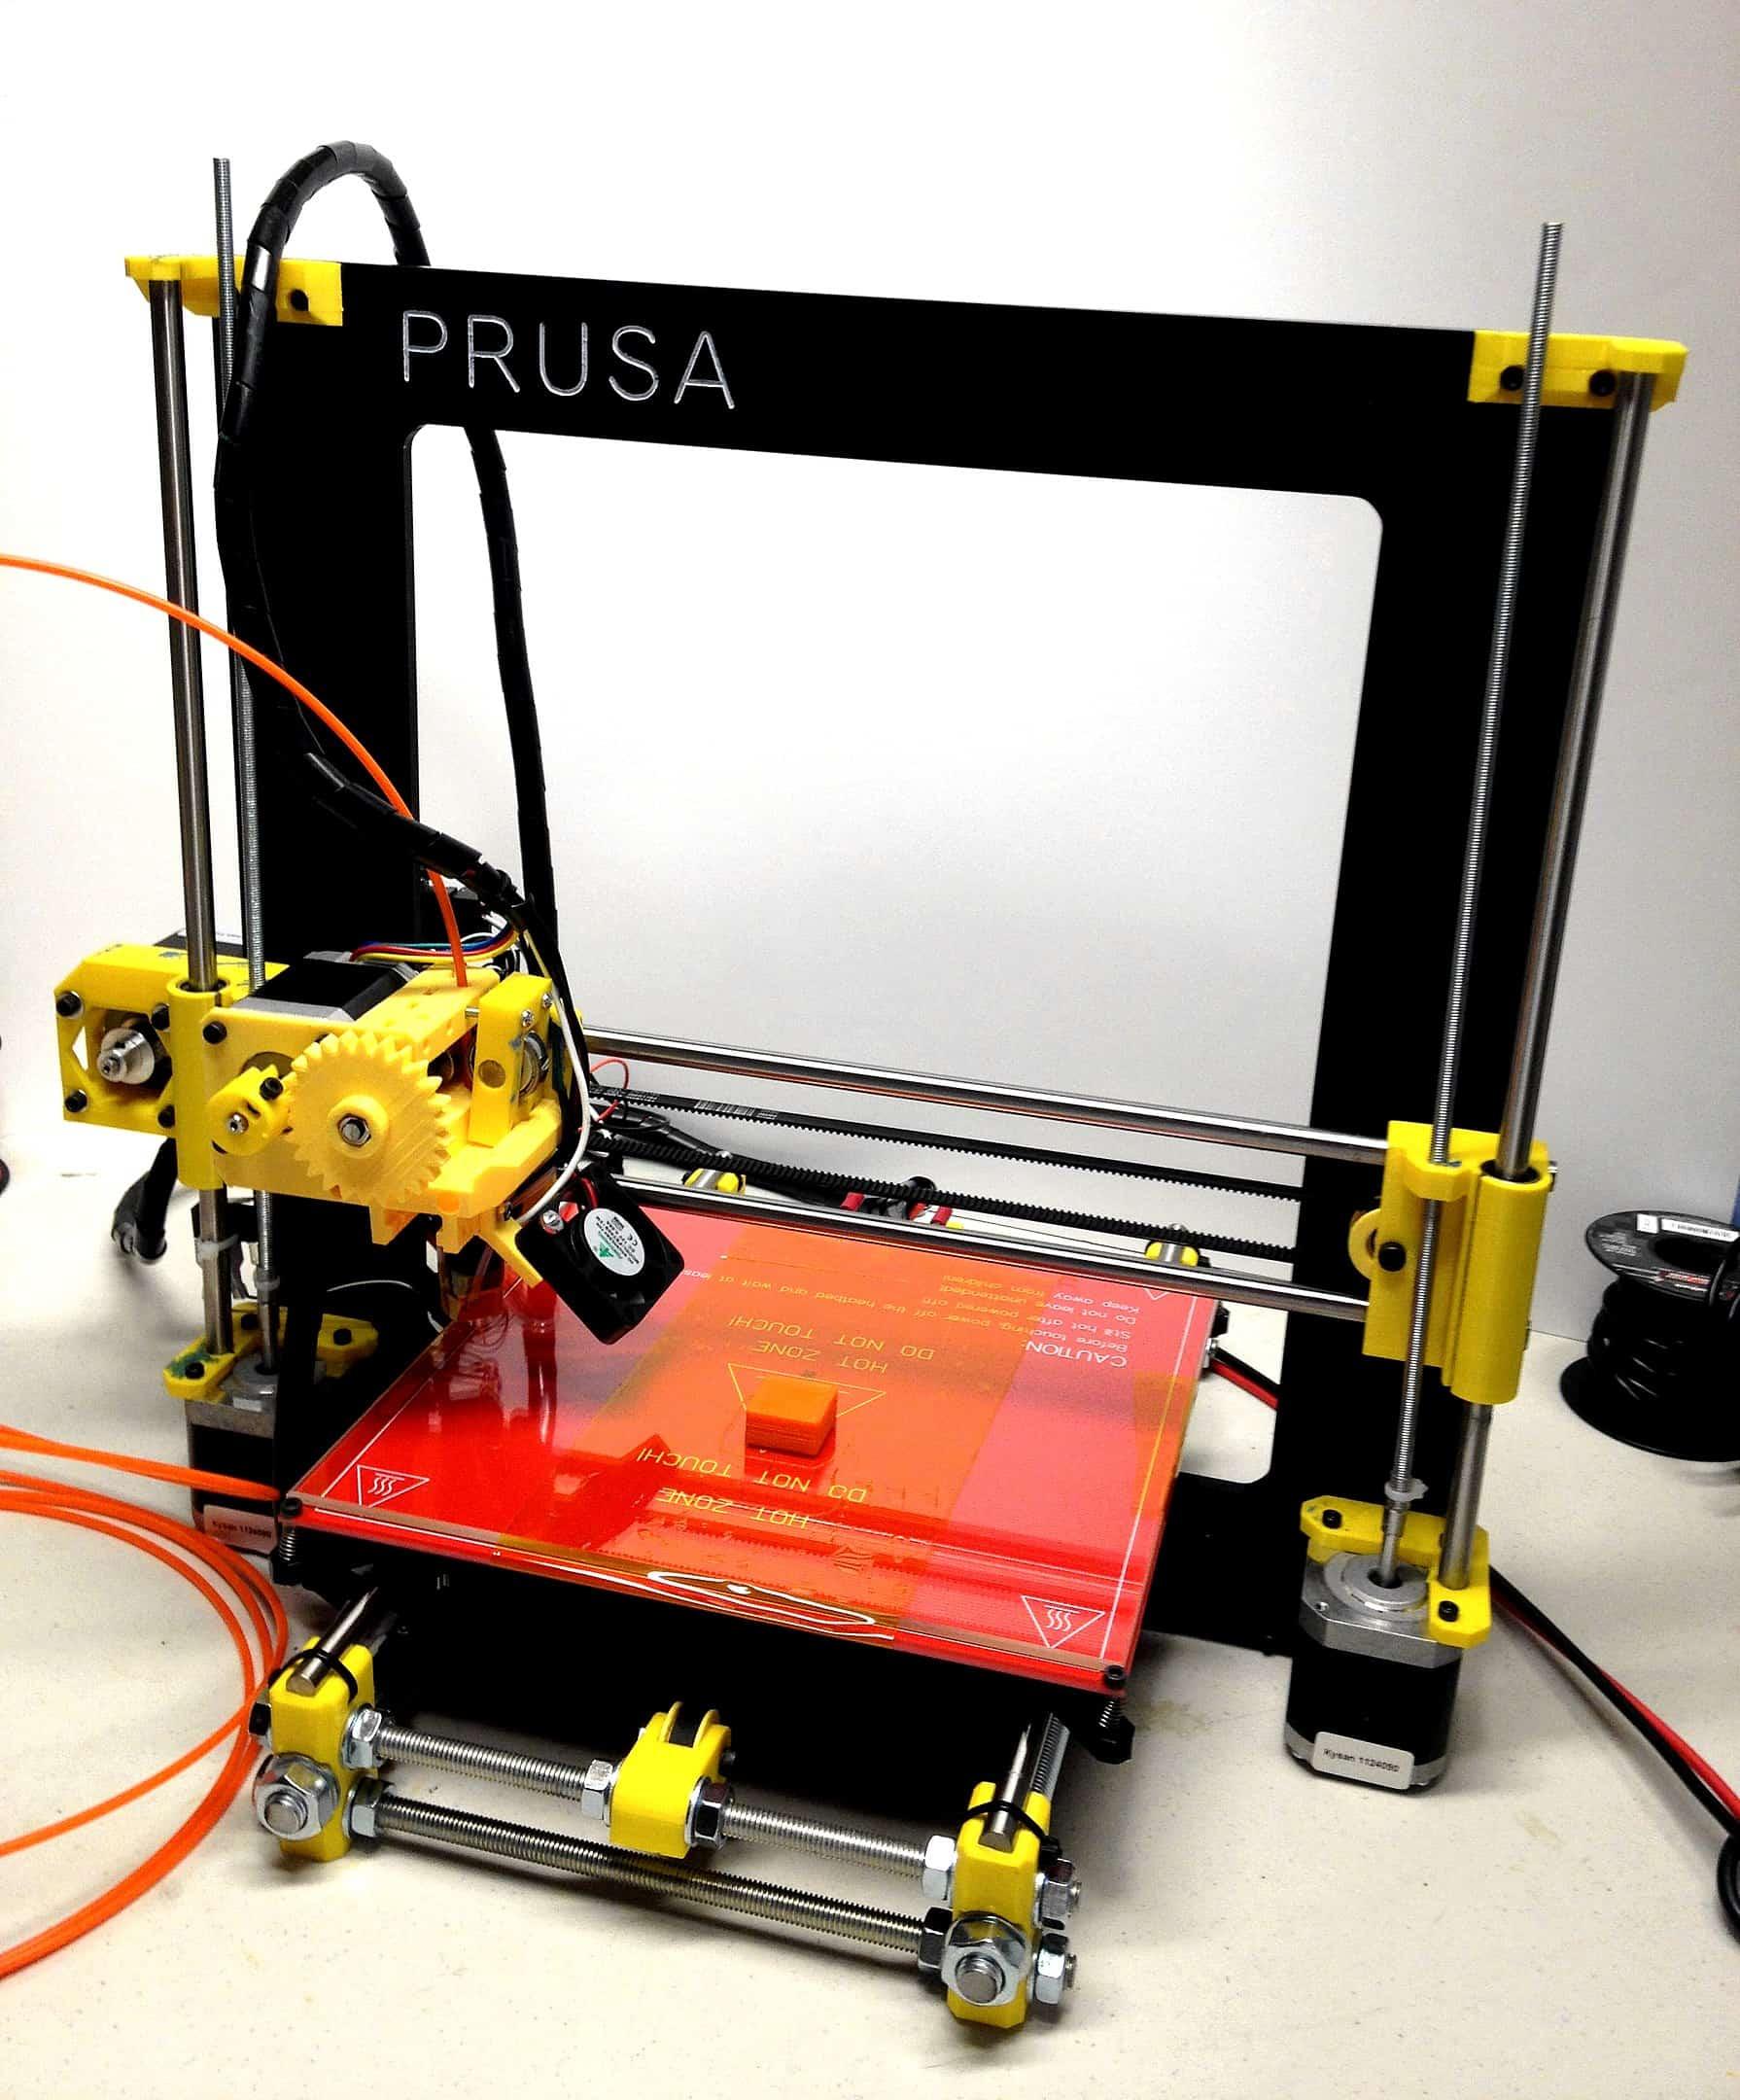 prusa i3, 3d printing